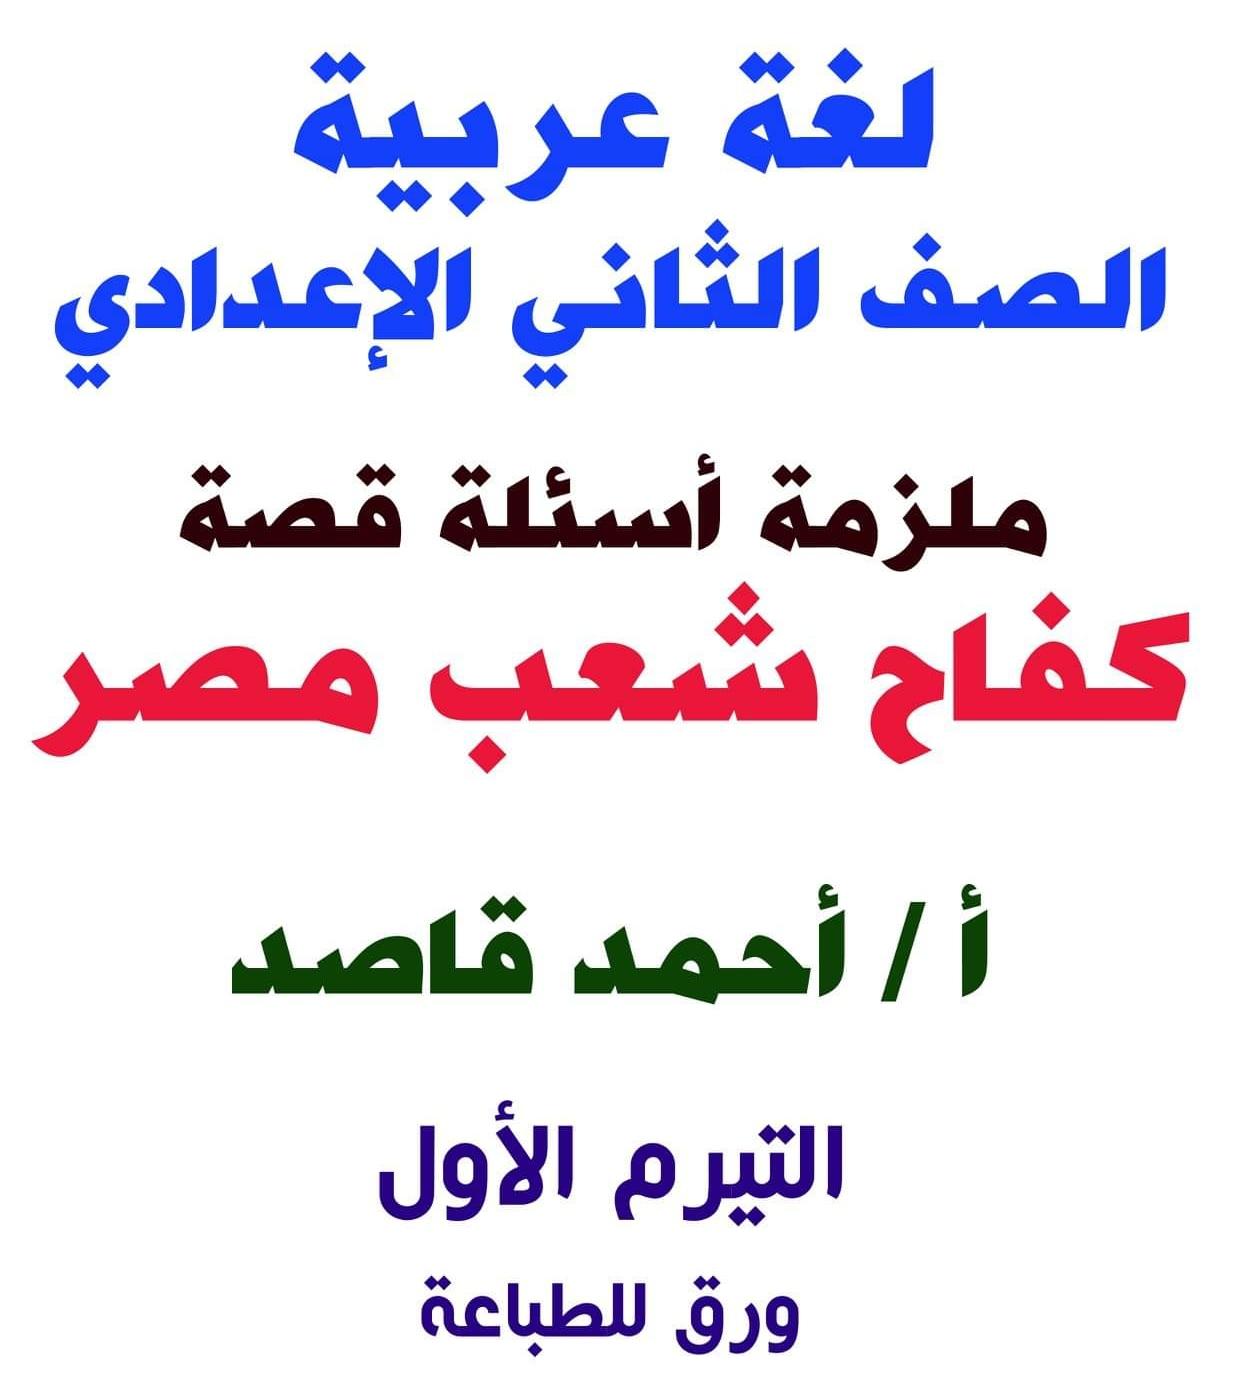 حمل المراجعه النهائيه لقصه كفاح شعب مصر الصف الثاني الاعدادي